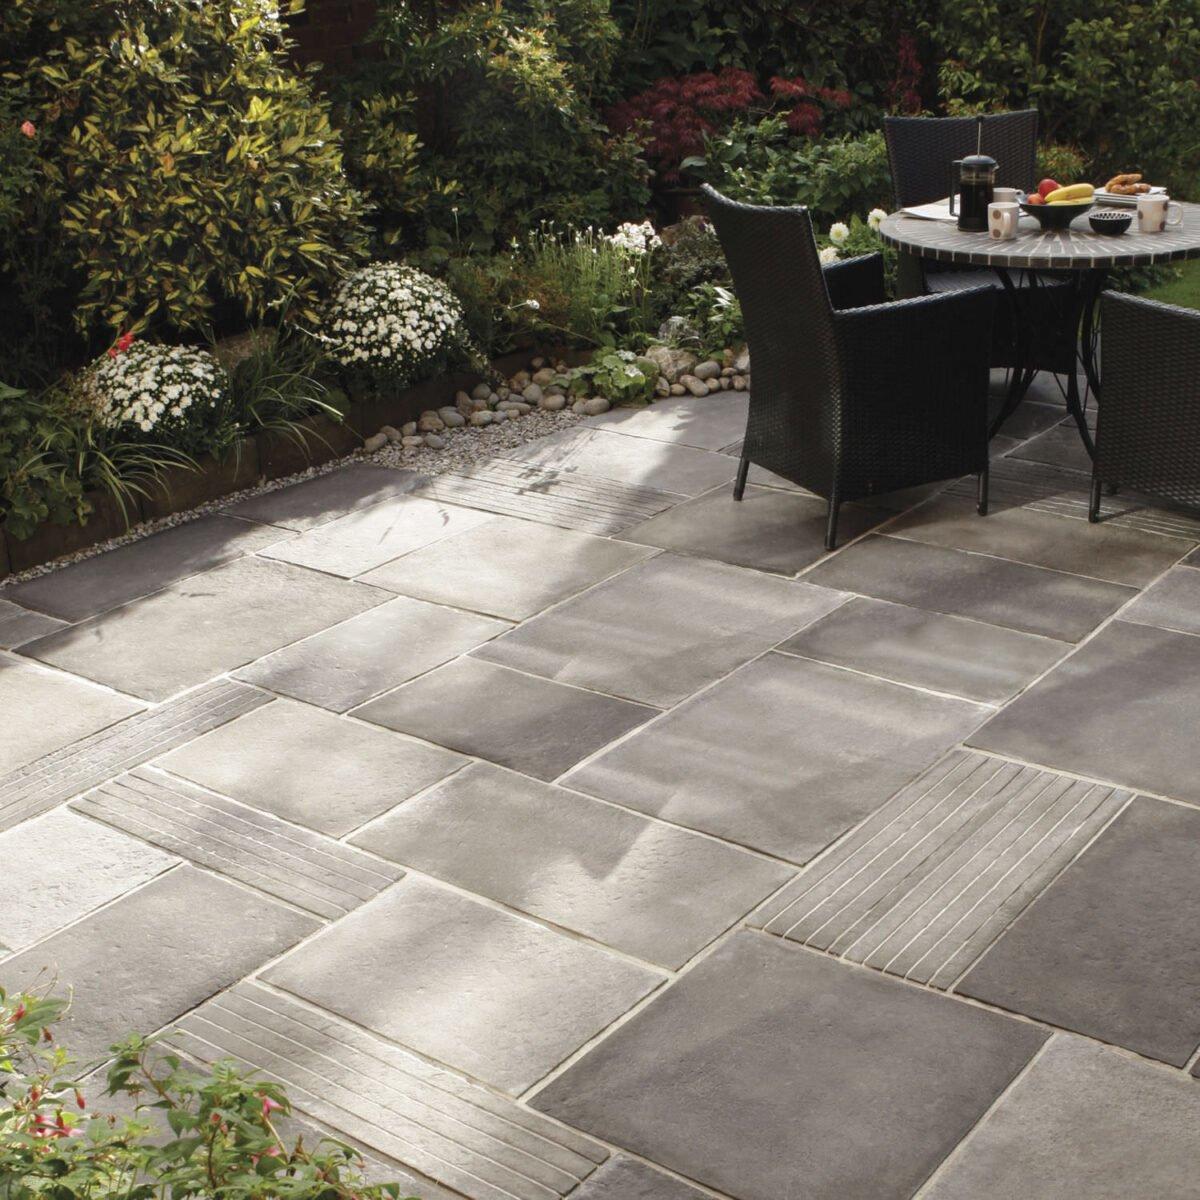 pavimento-terrazzo-piccole